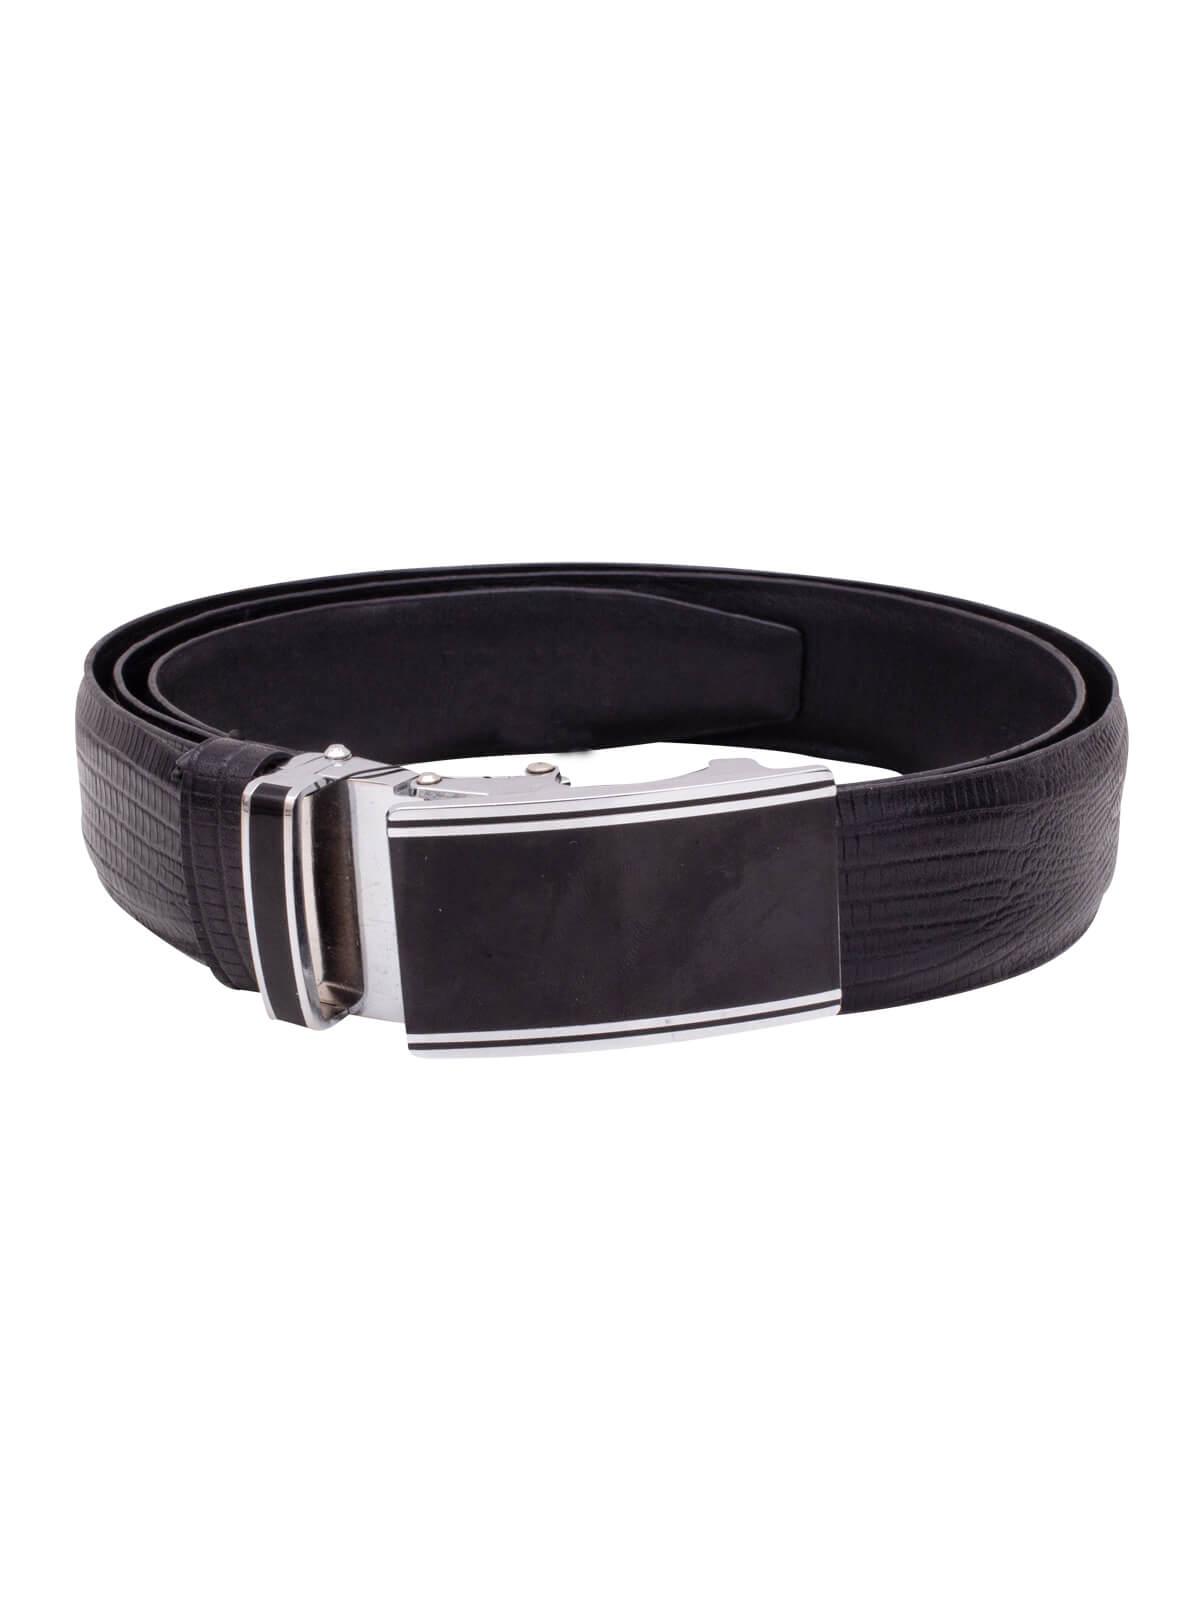 Black Leather Gents Belt